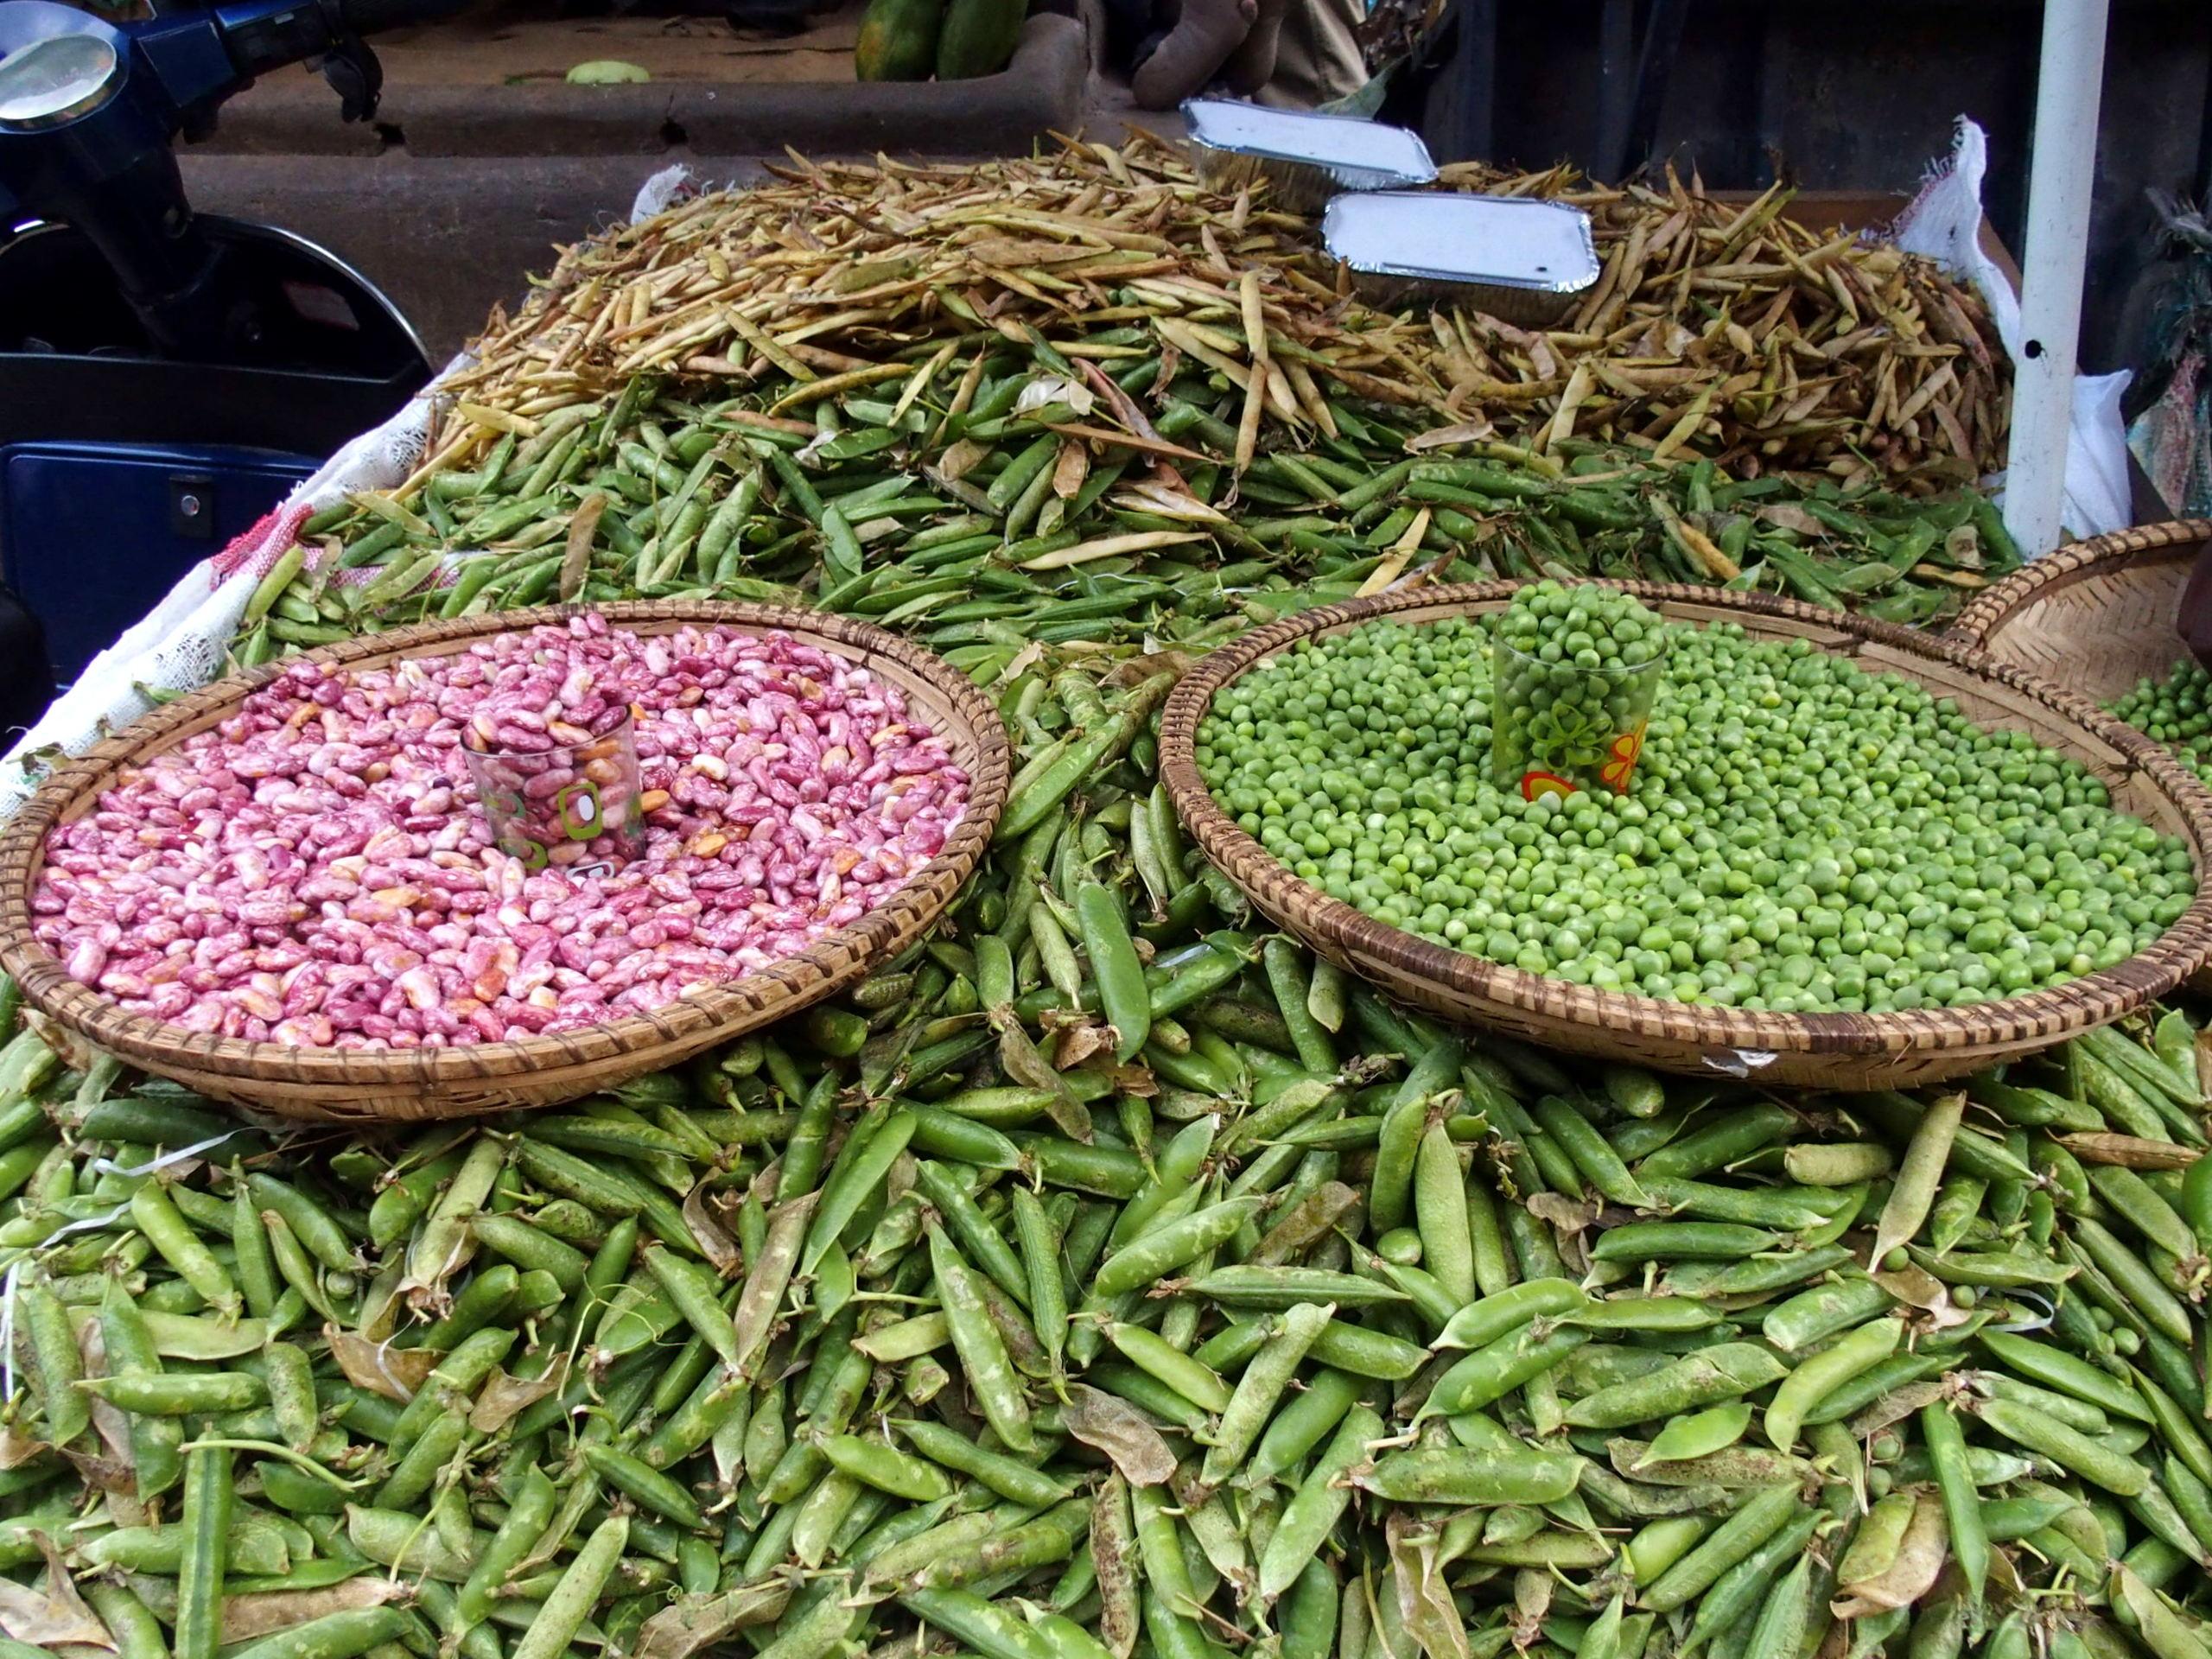 Bel étal de haricots et petits pois sur marché Zanzibar.